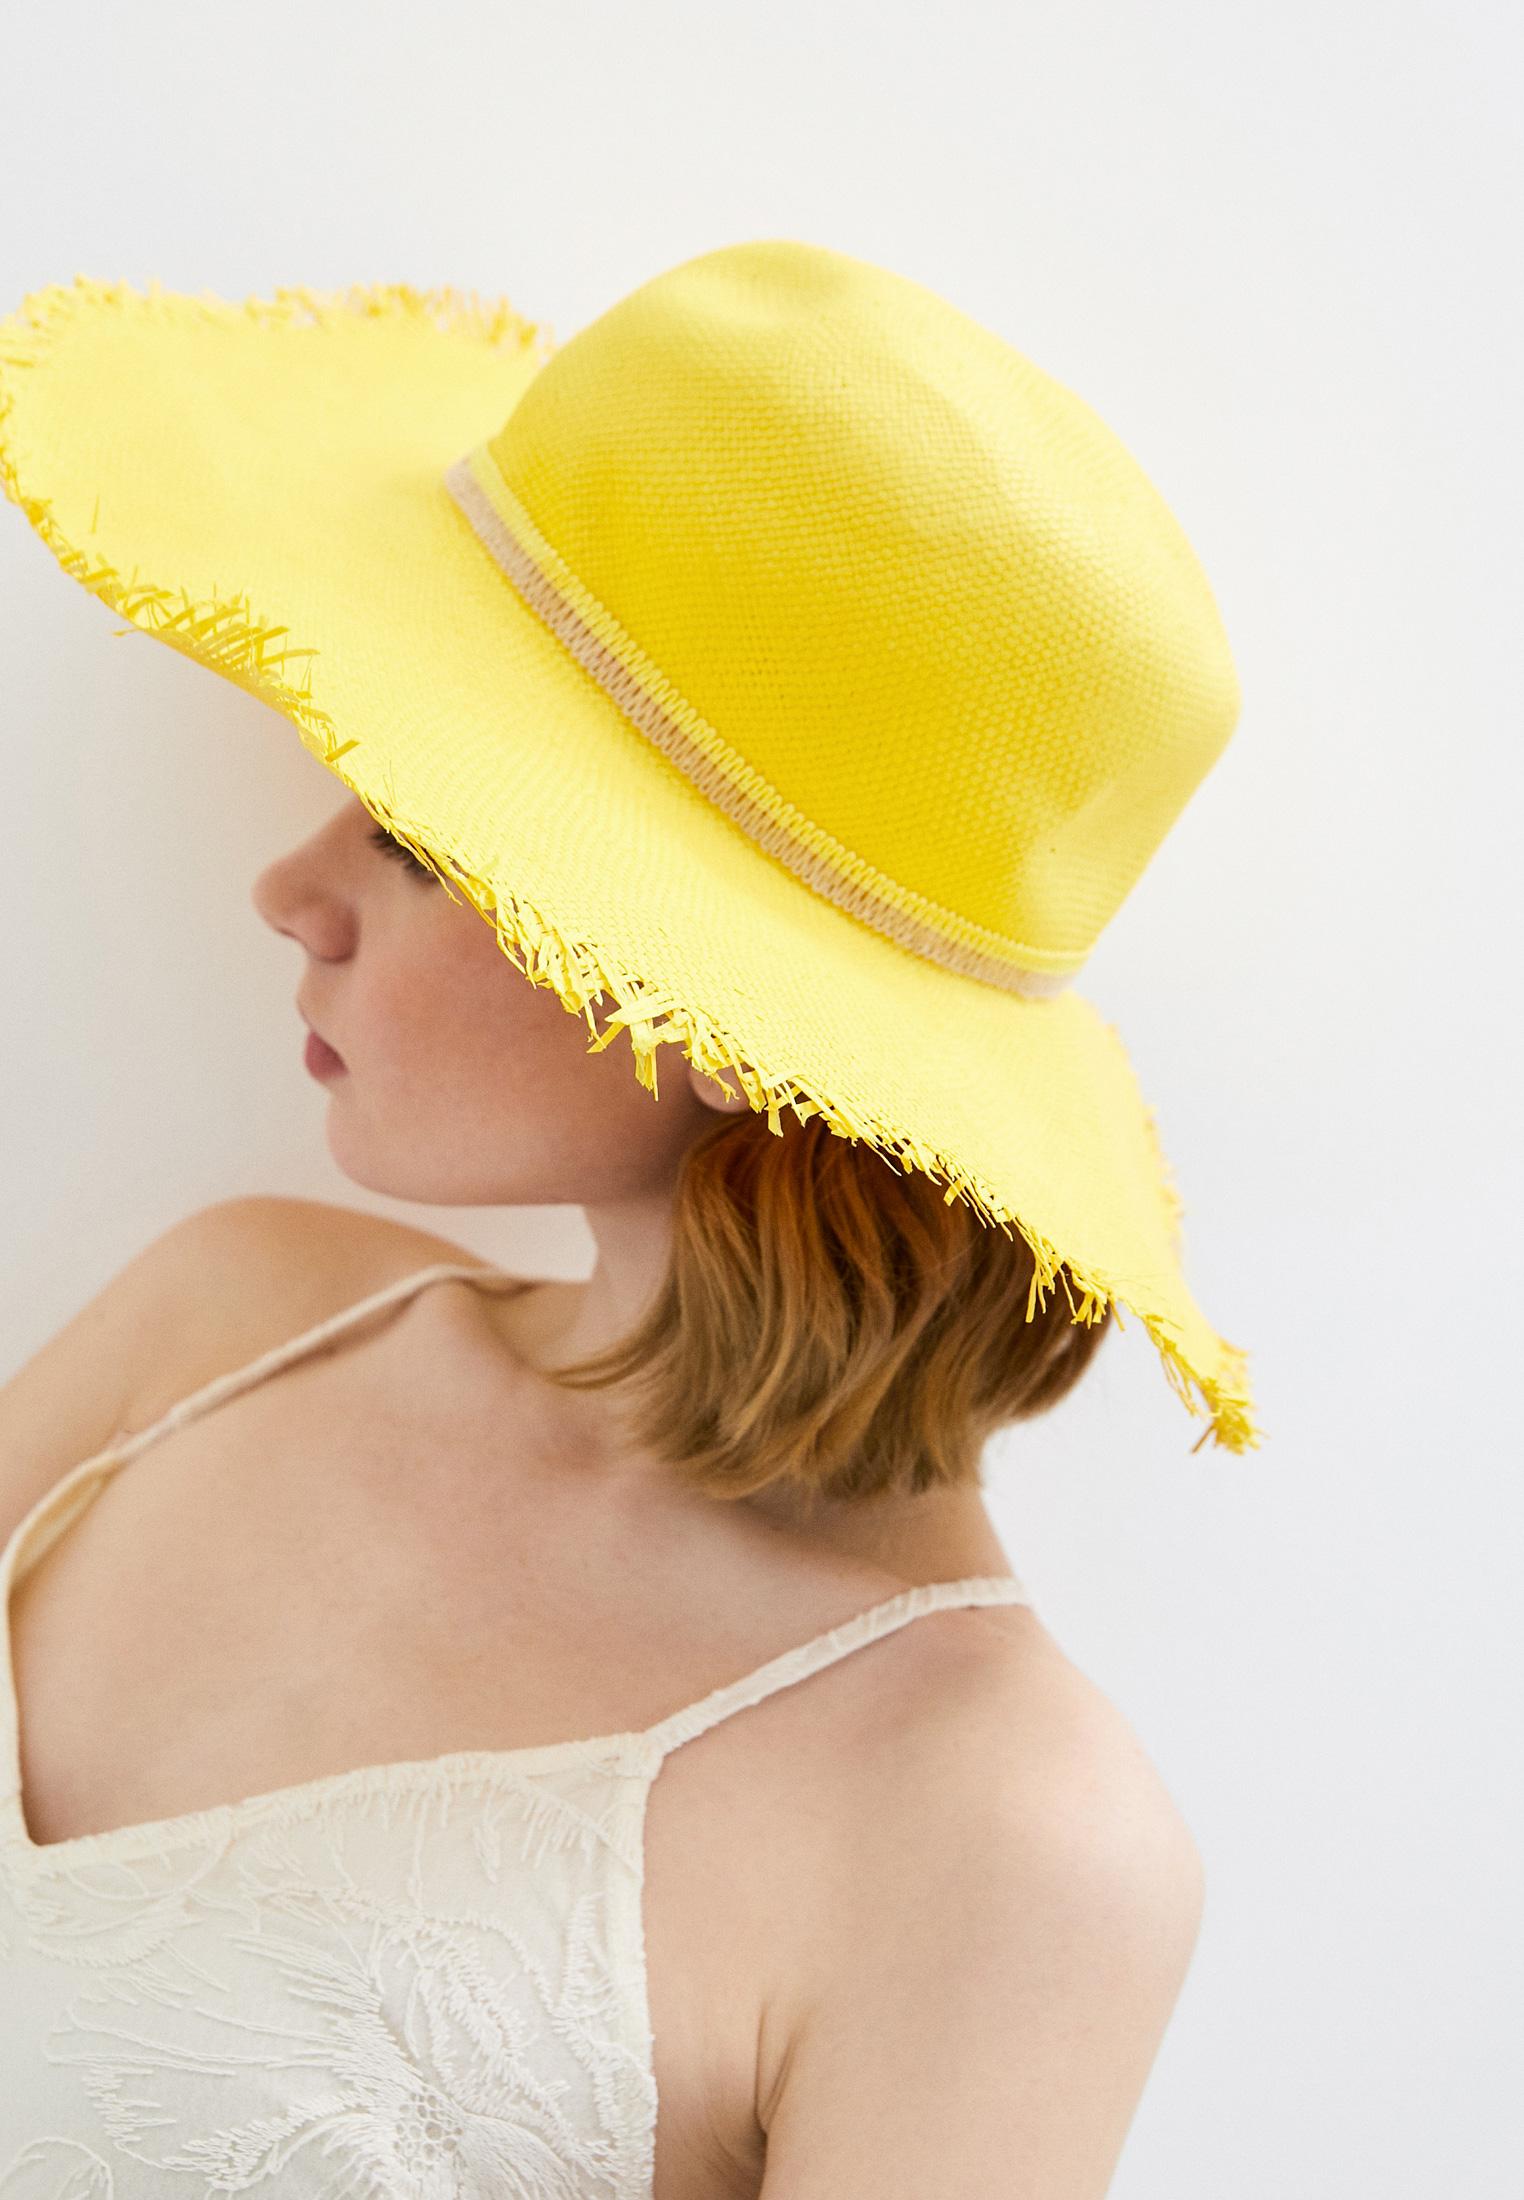 Шляпа Patrizia Pepe (Патриция Пепе) Шляпа Patrizia Pepe